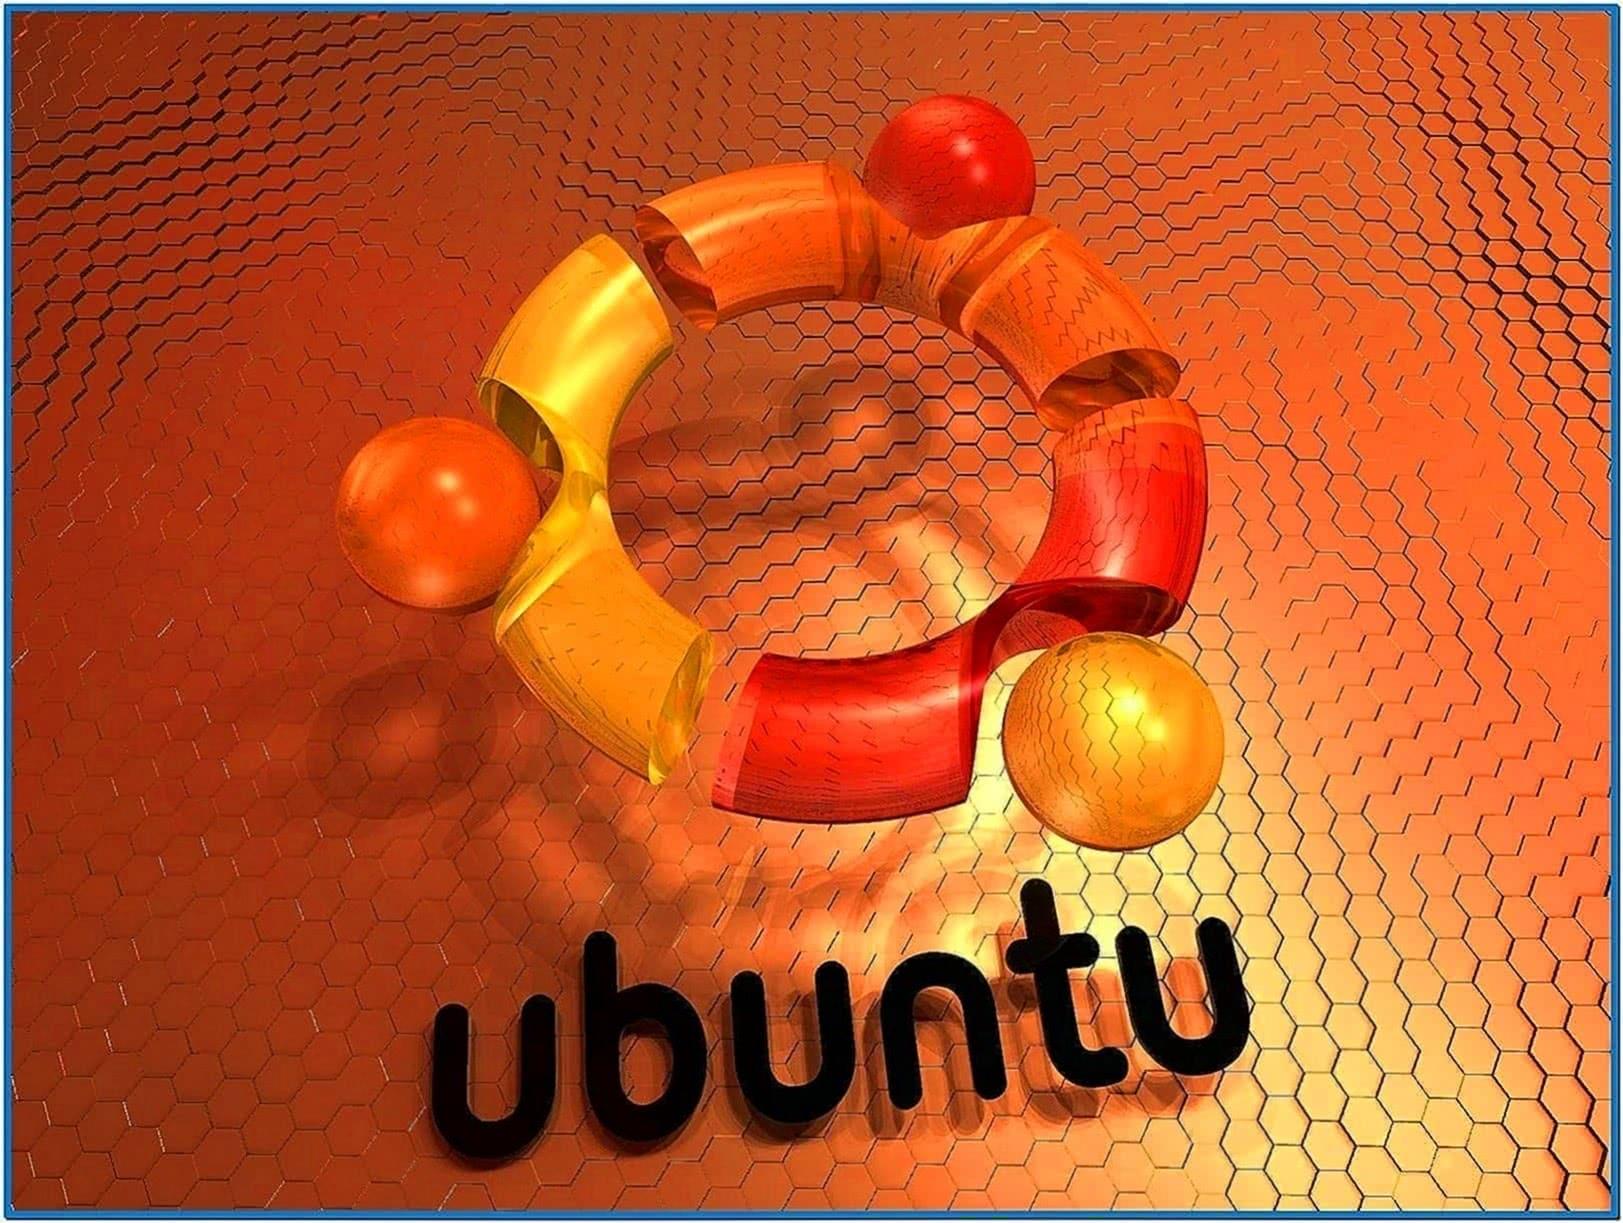 Screensaver Foto Ubuntu